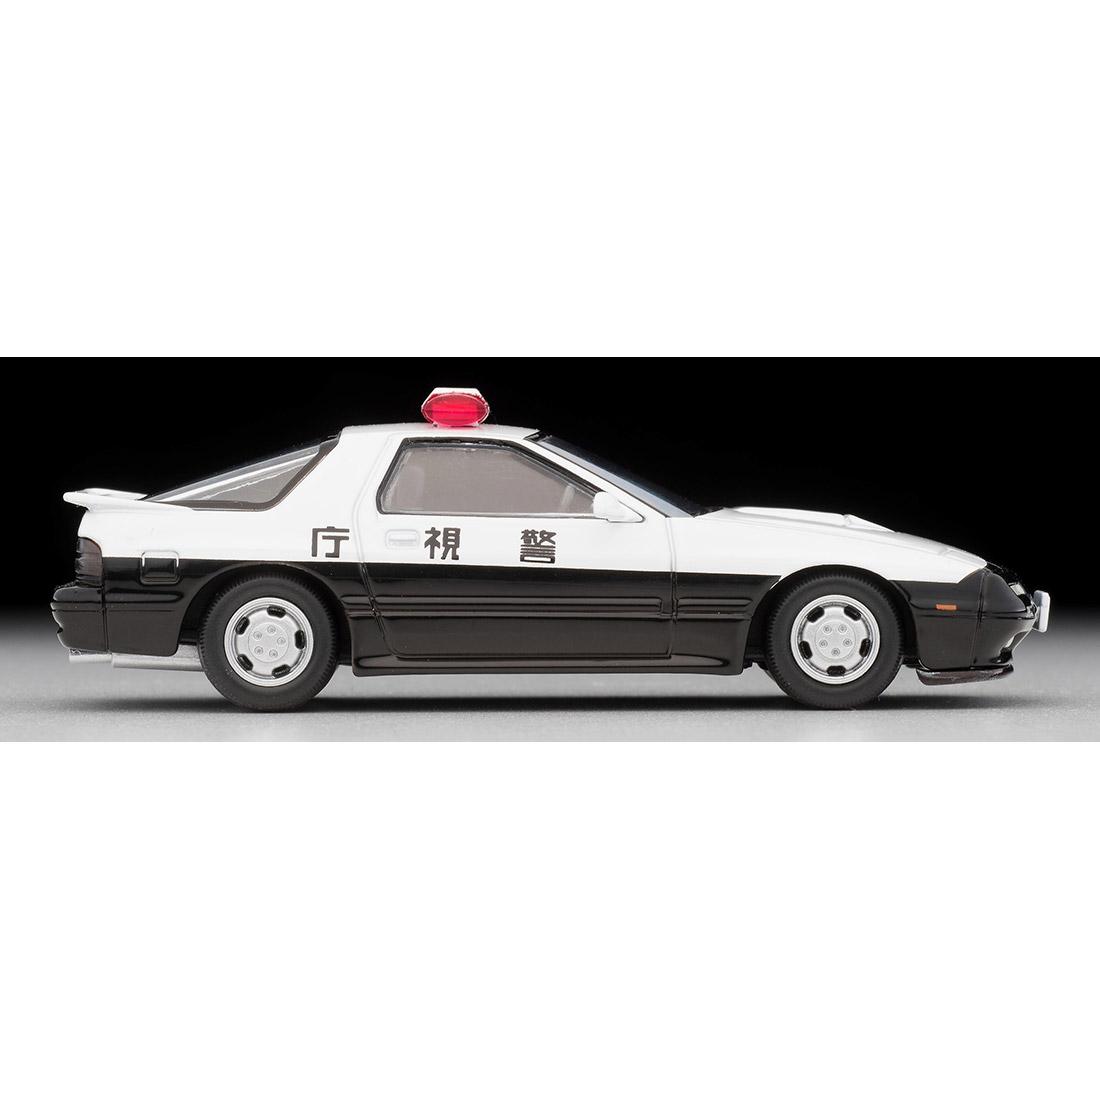 トミカリミテッドヴィンテージ ネオ『LV-N214a マツダ サバンナRX-7 パトカー(警視庁)』ミニカー-006